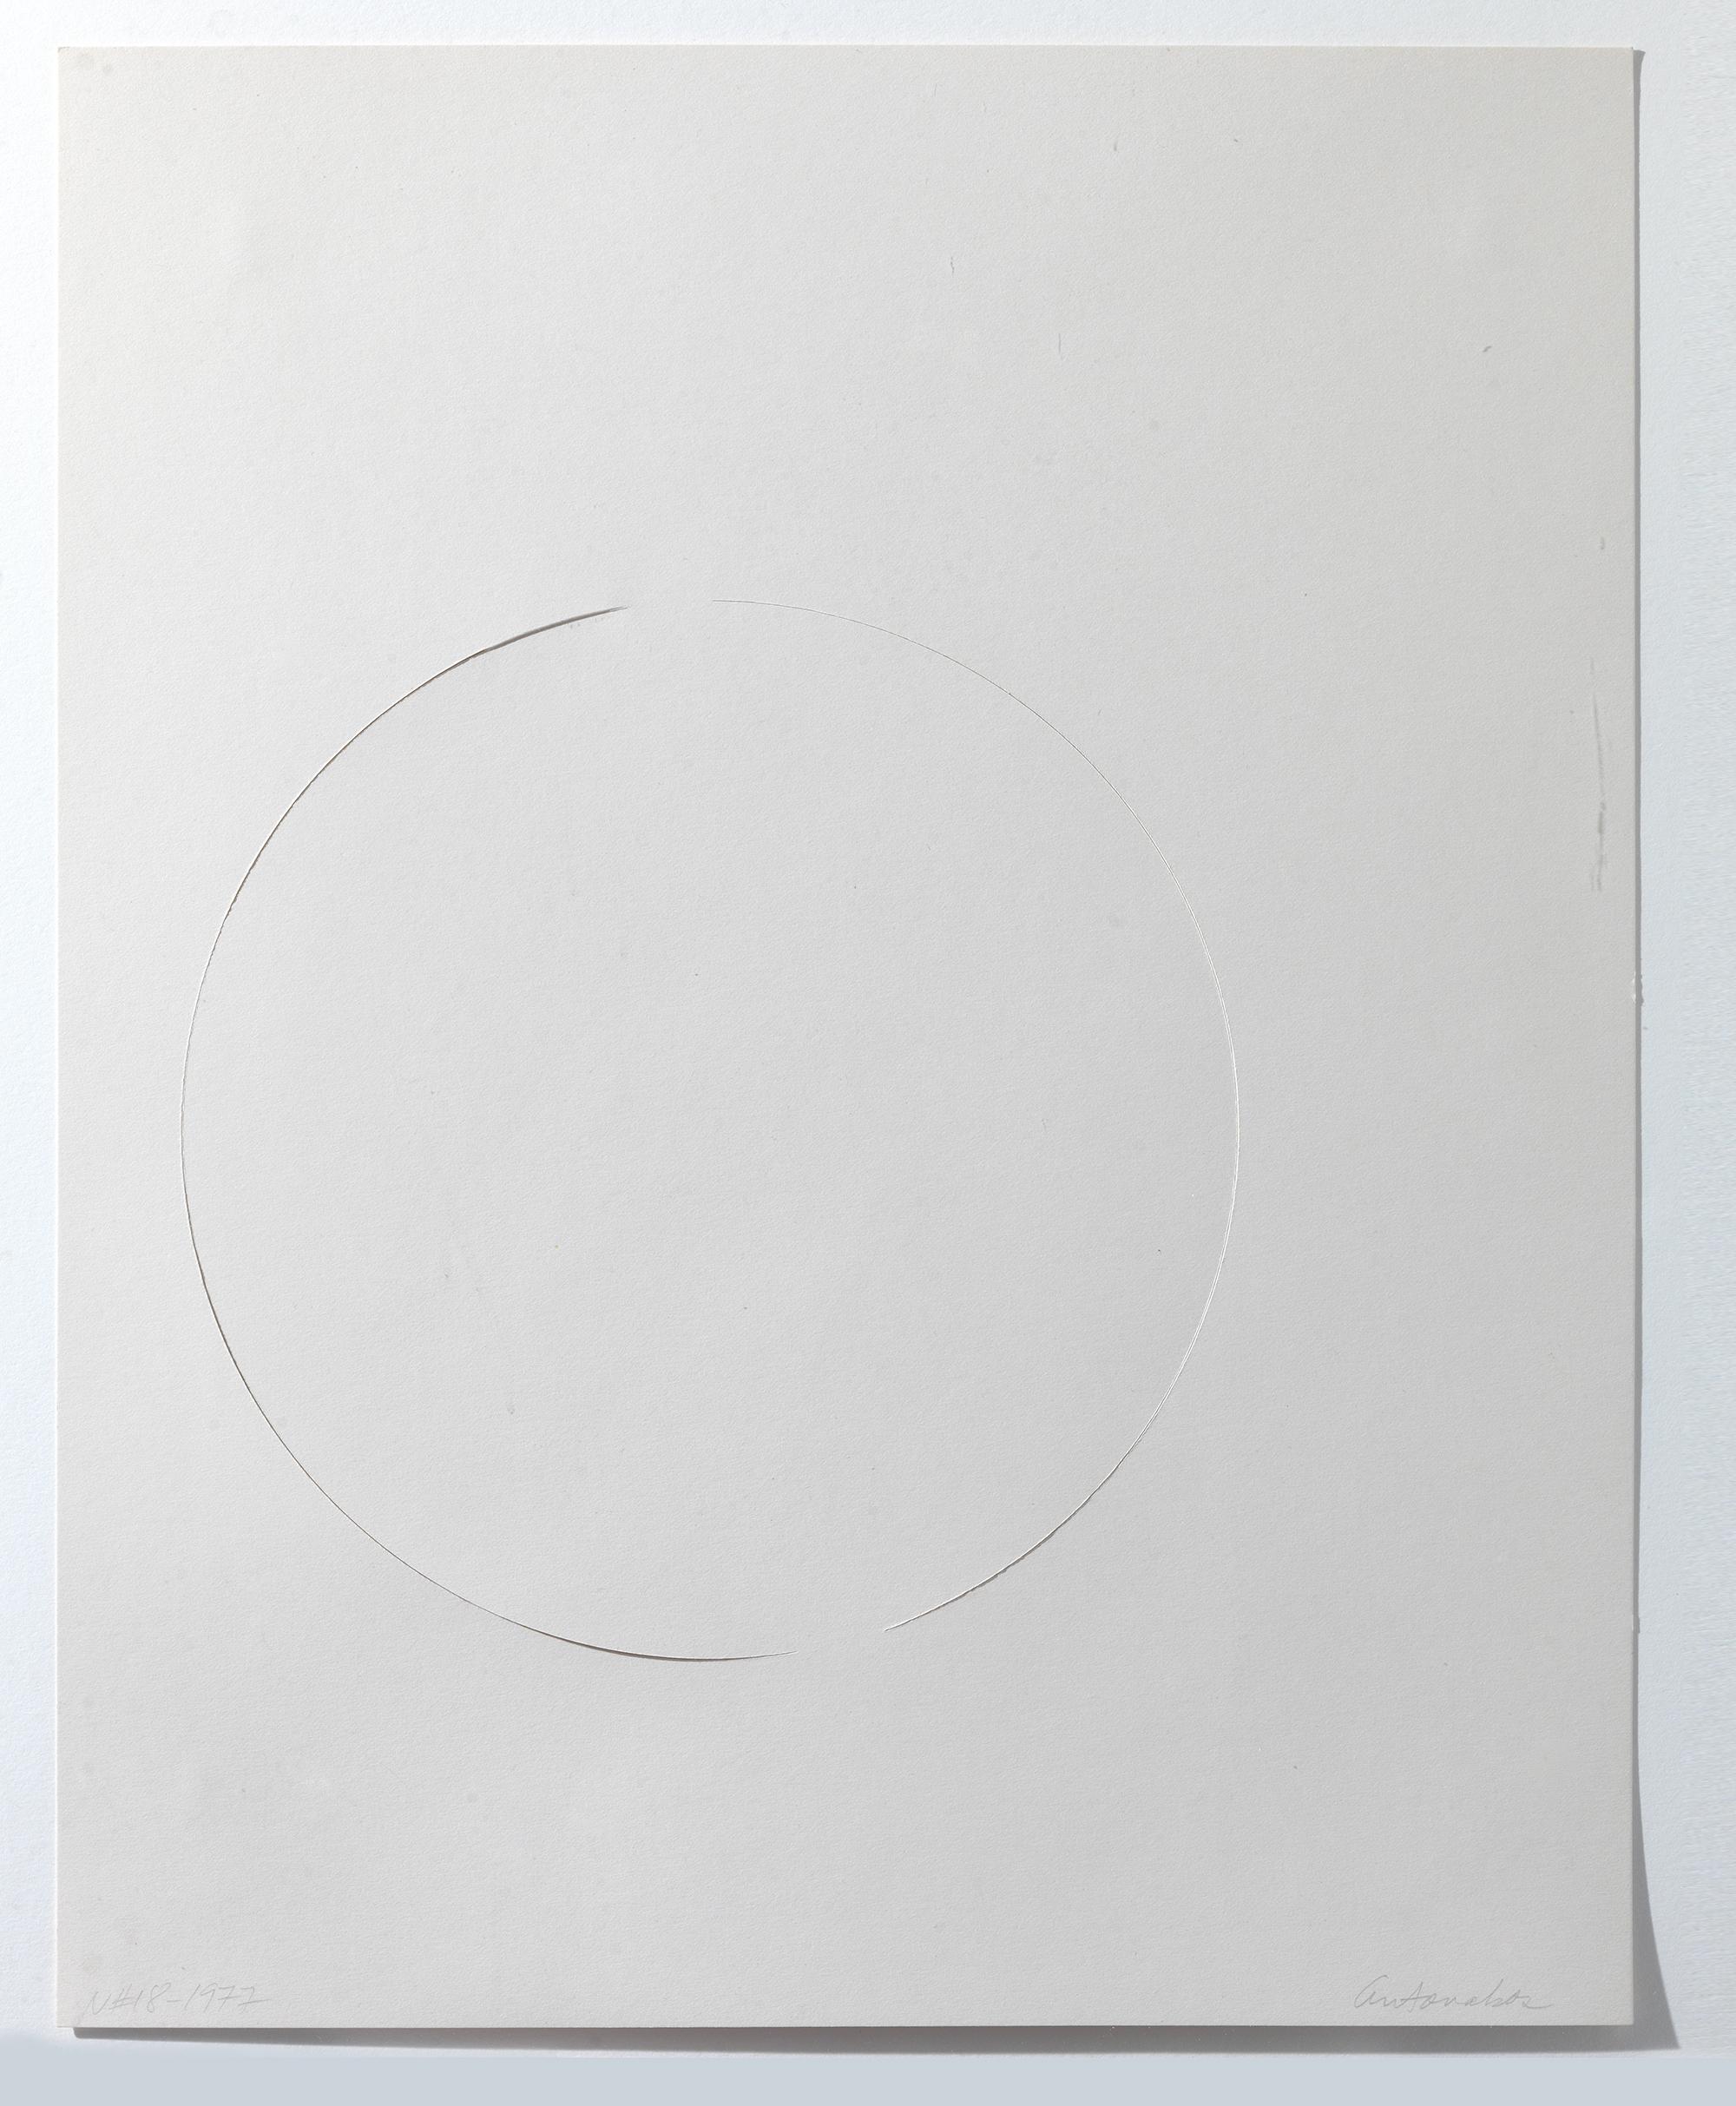 Stephen Antonakos - Untitled collage (N#18)